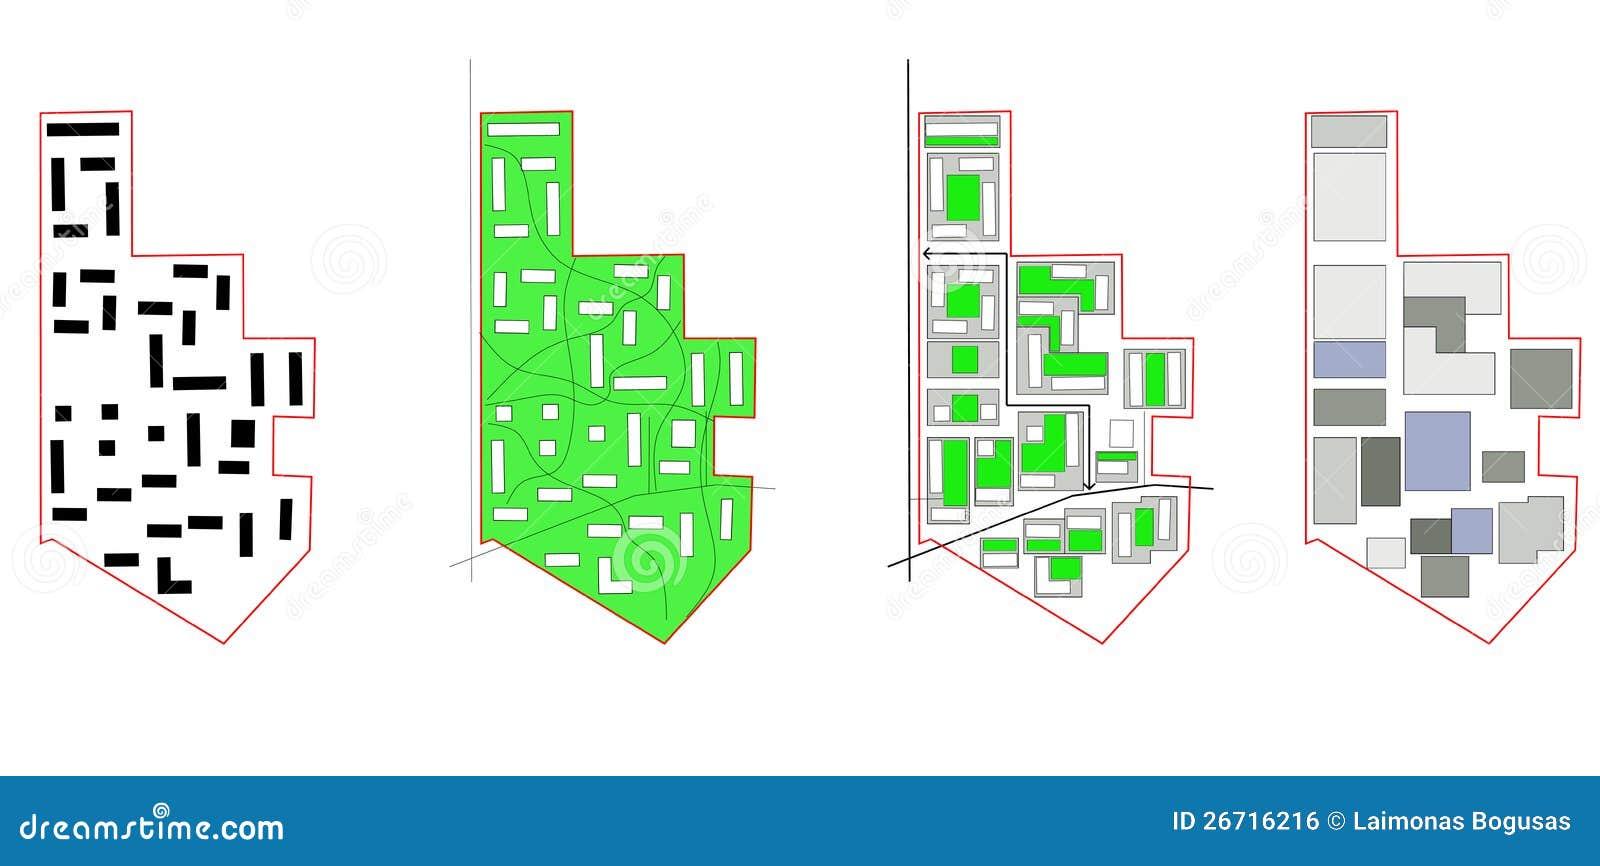 Conceptual scheme, city map